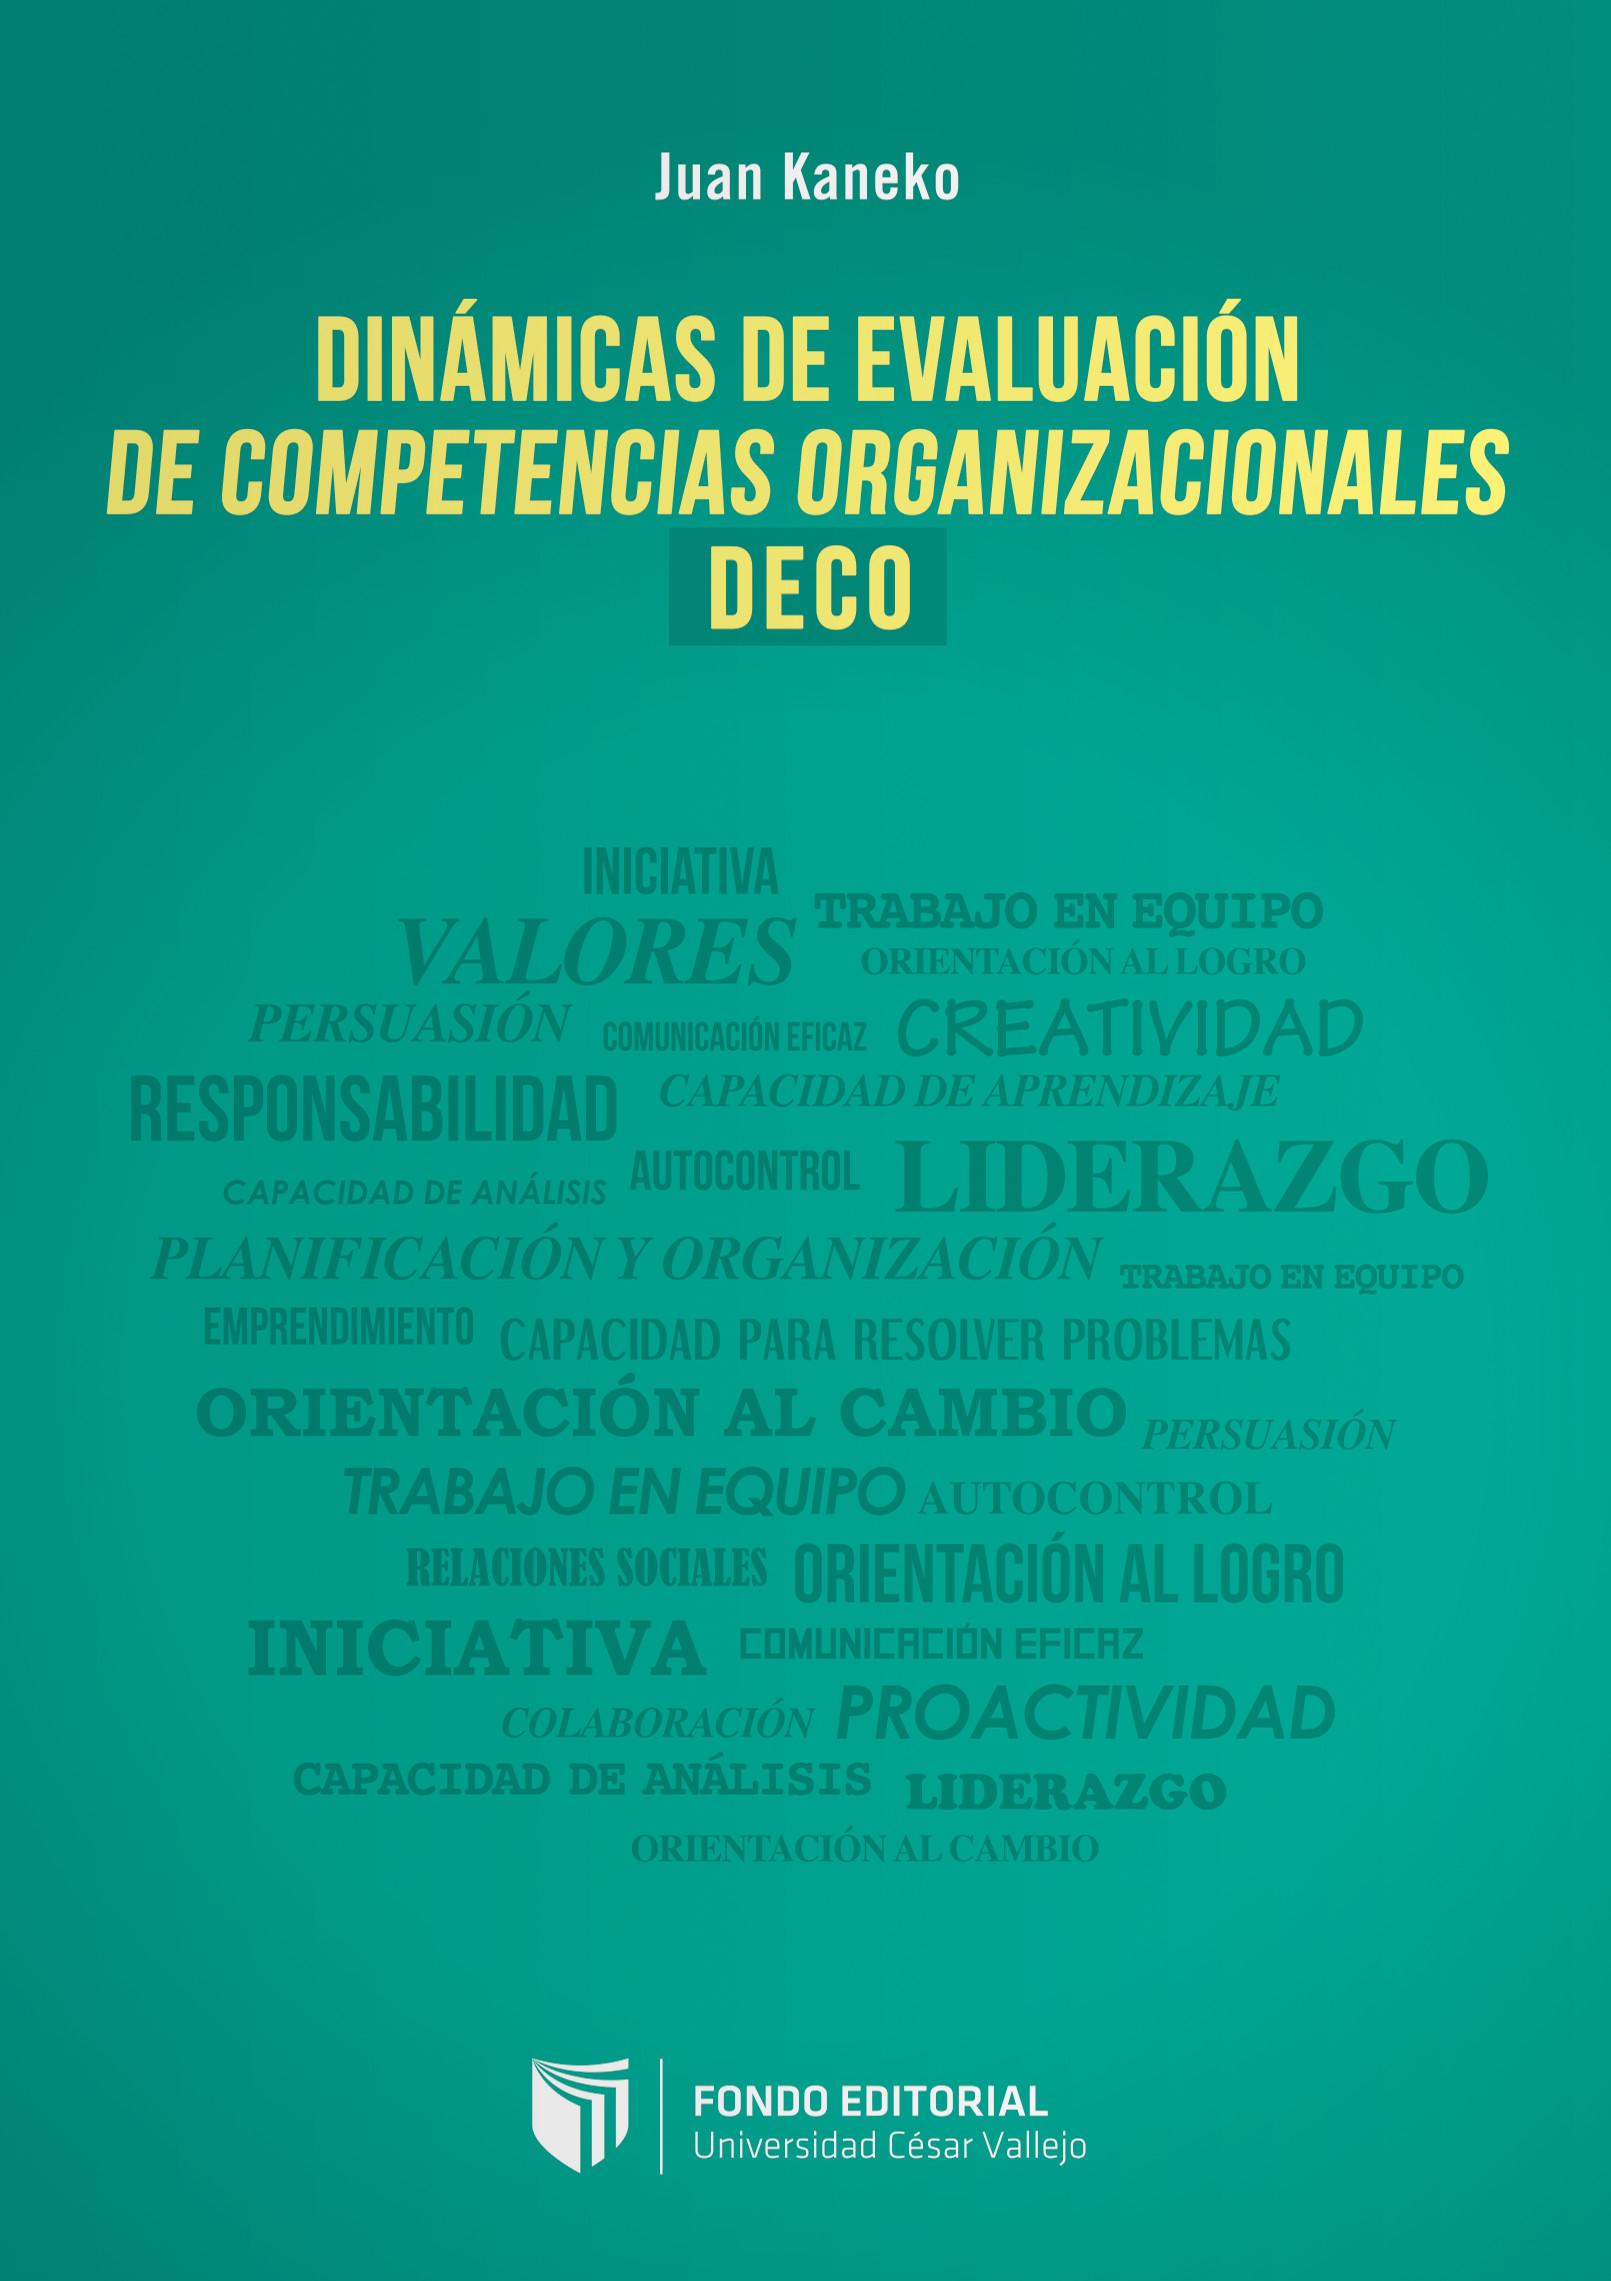 Dinámicas de evaluación de competencias organizacionales (DECO)